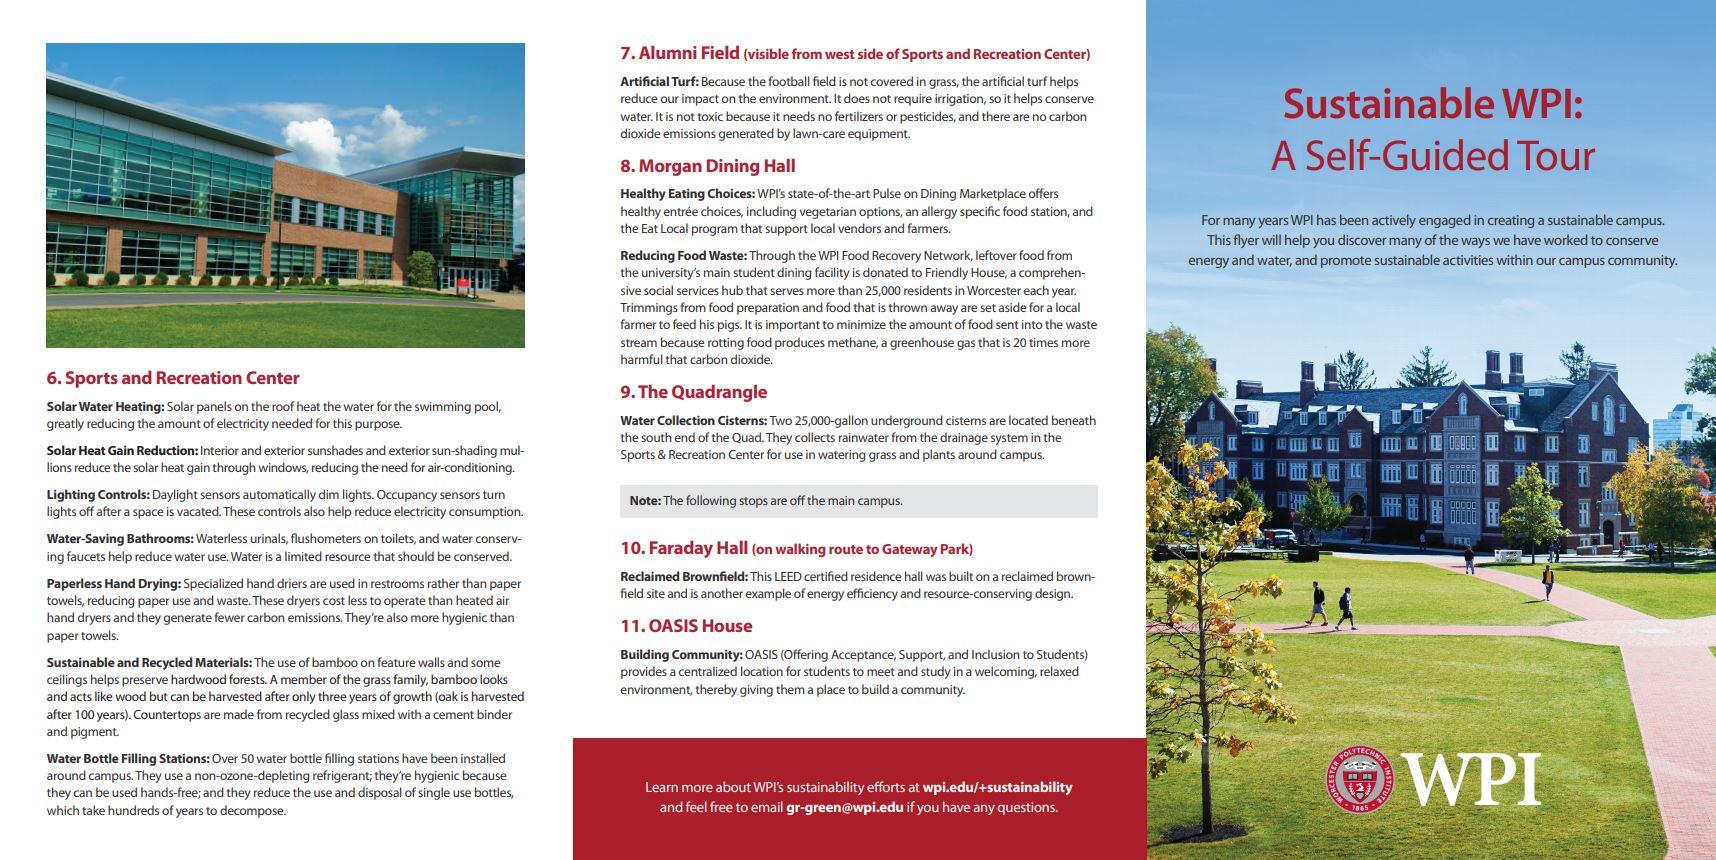 WPI Sustainability Tour Page 1